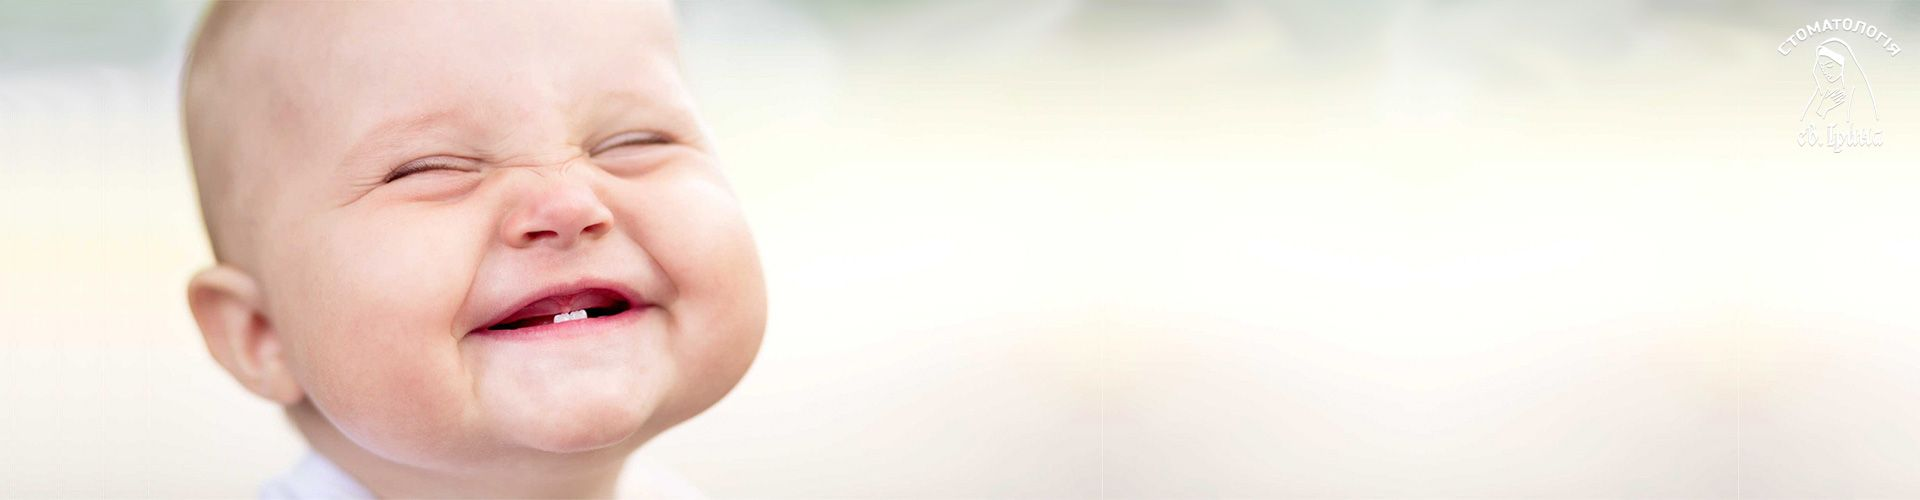 Первые зубки - как помочь ребенку в таких случаях